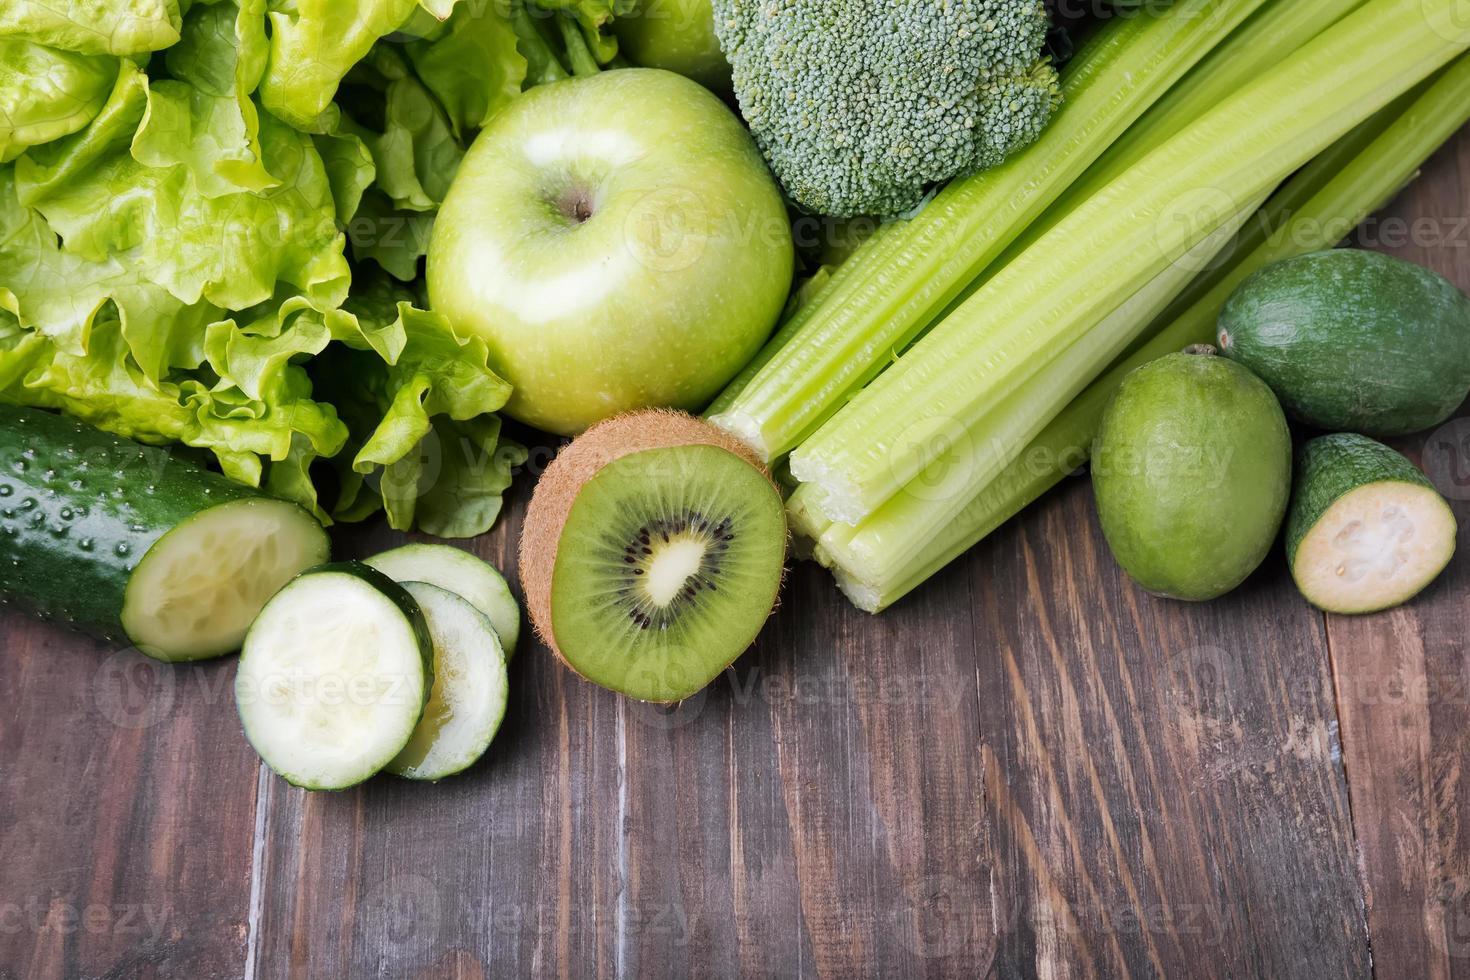 Obst und Gemüse von grüner Farbe foto